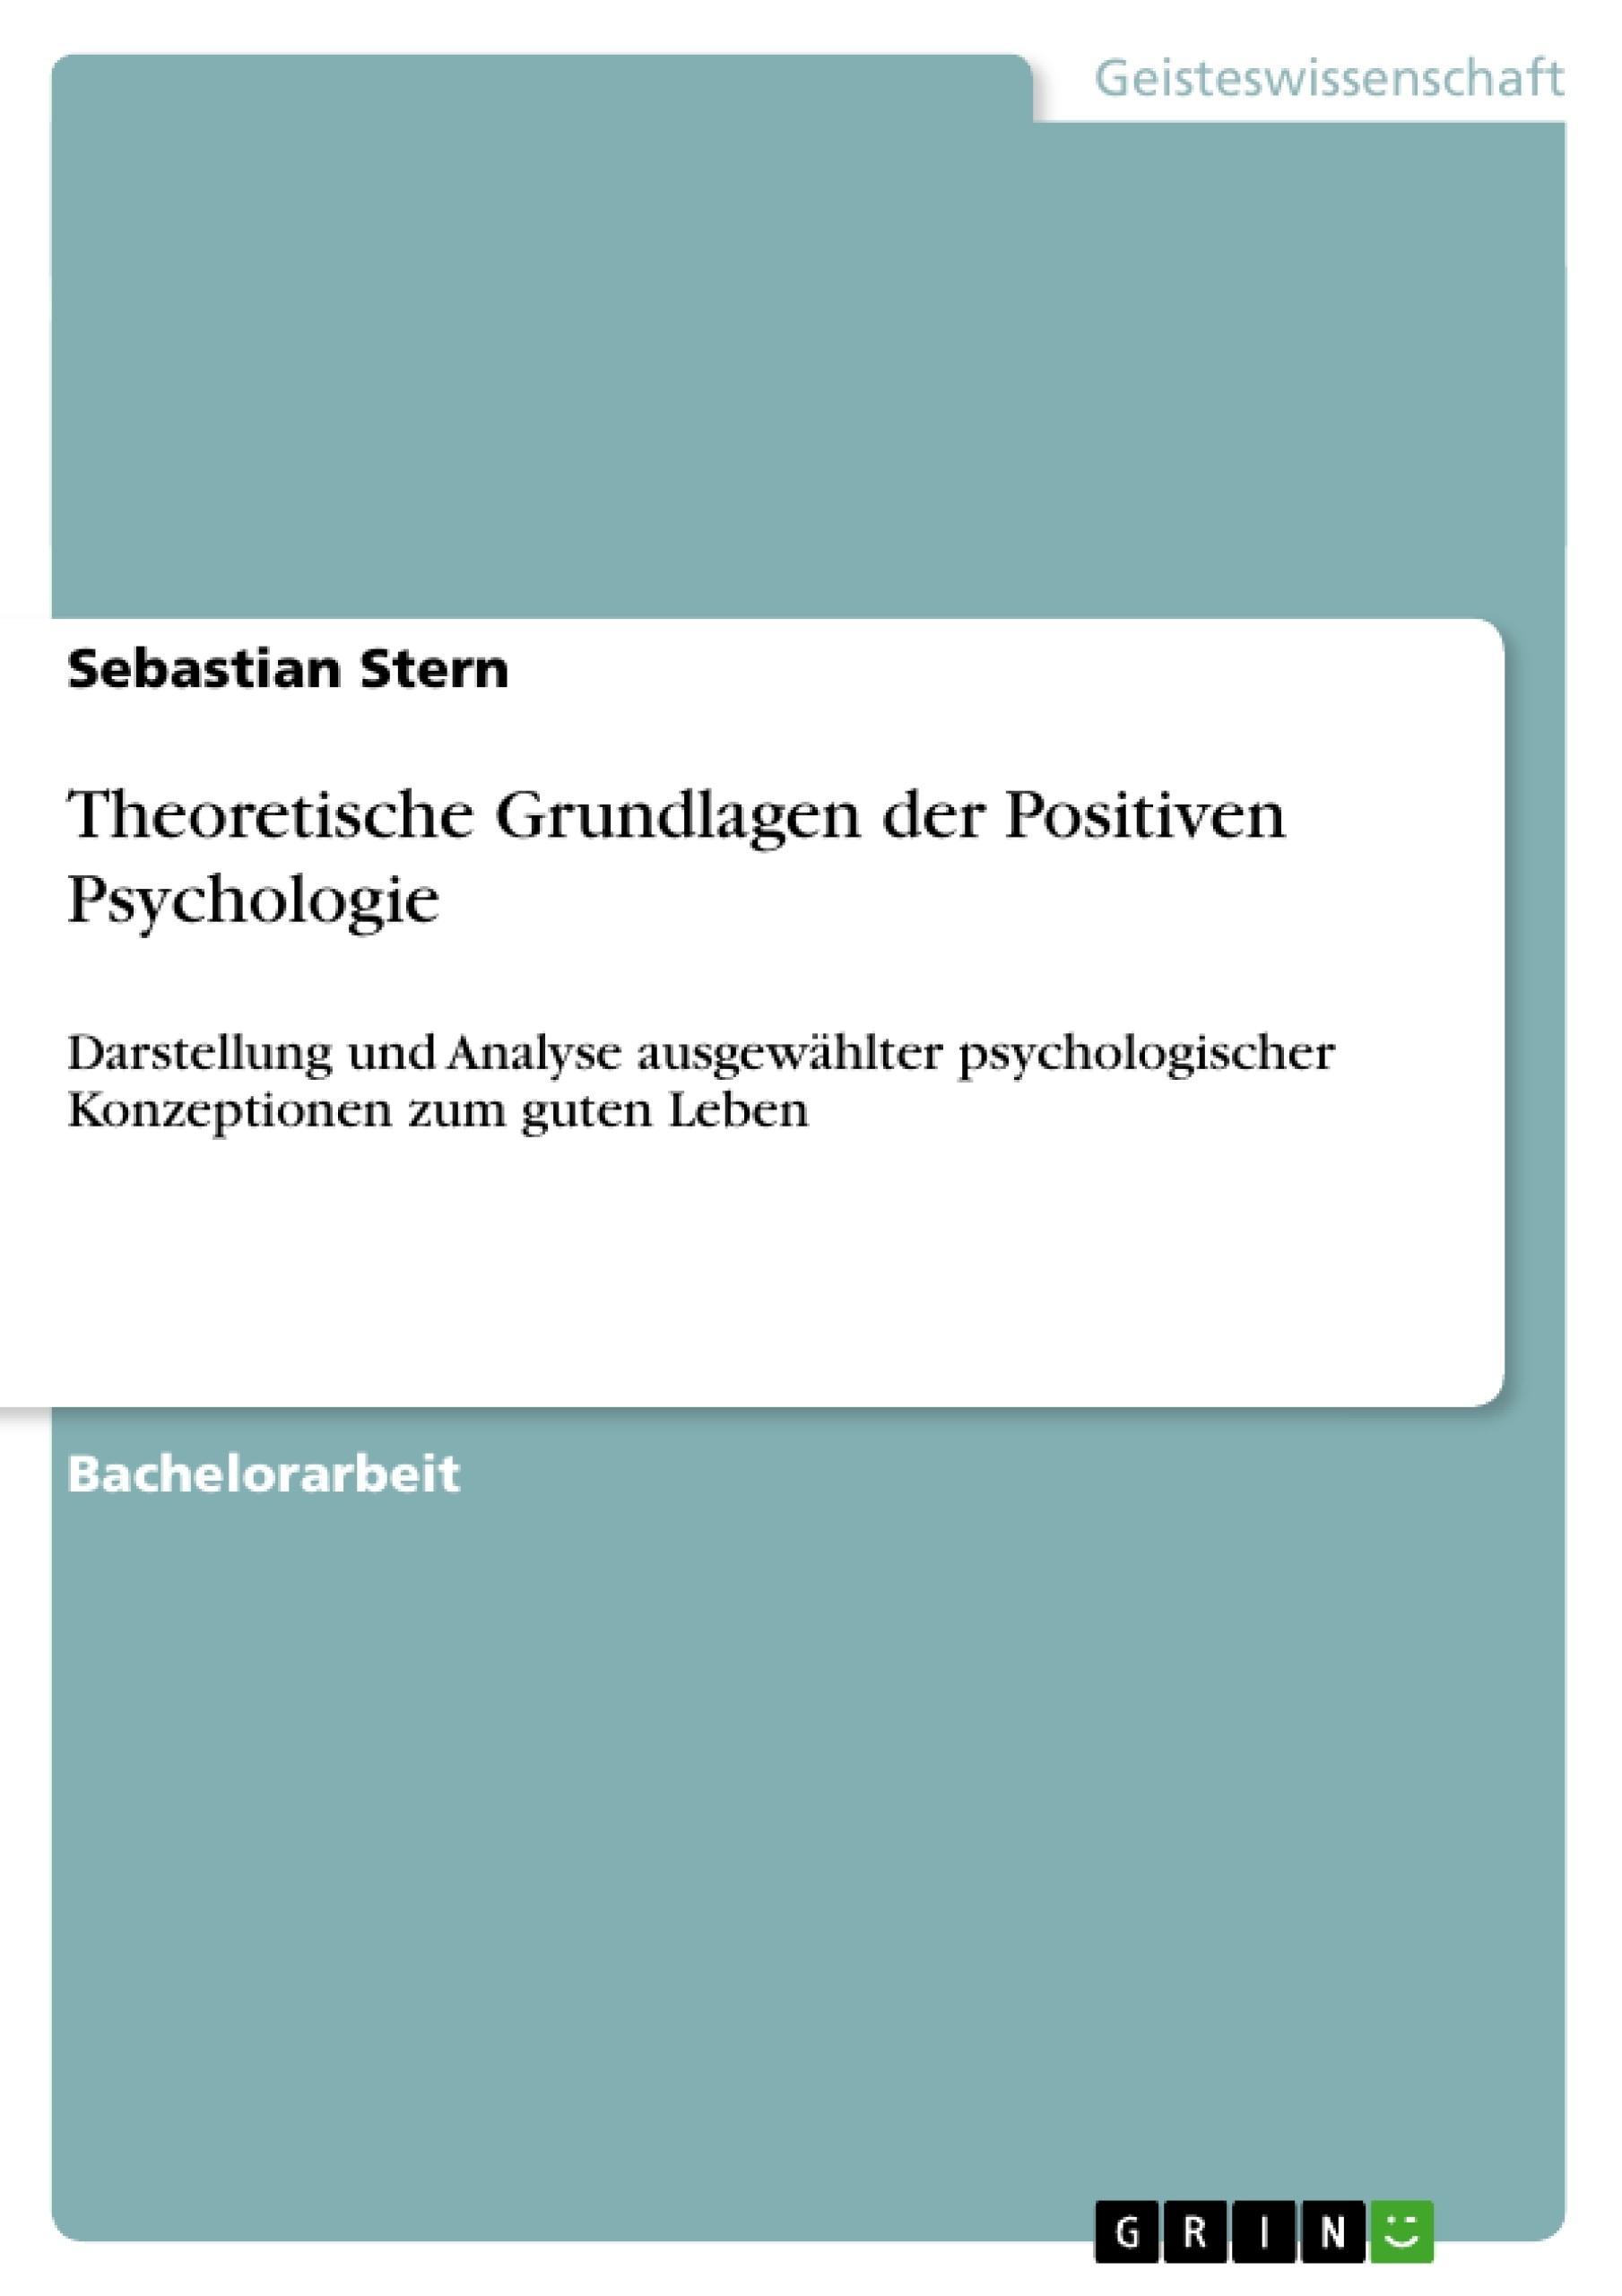 Titel: Theoretische Grundlagen der Positiven Psychologie